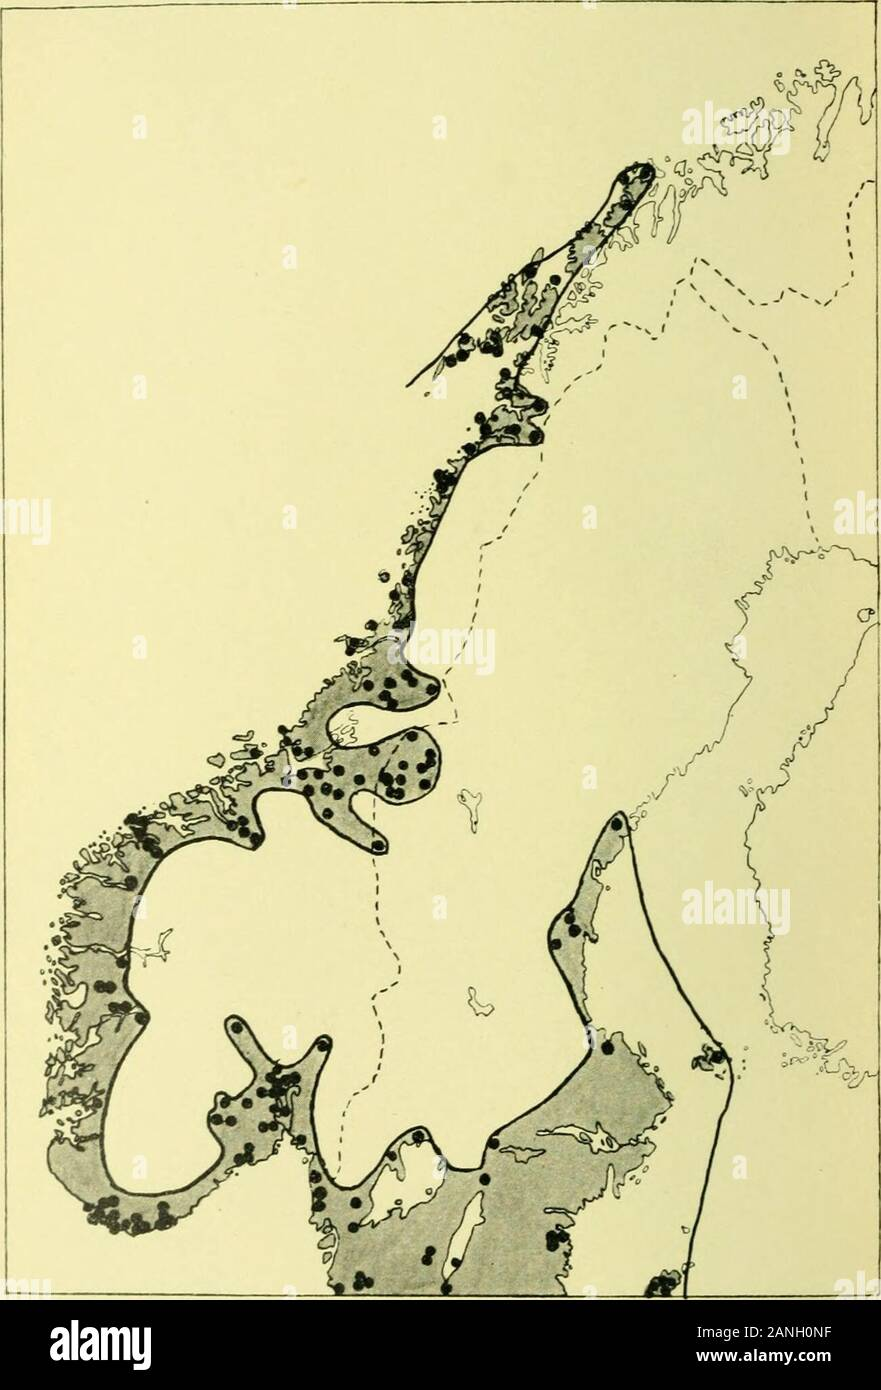 Arkiv For Botanik 6 Batrachium Paucist S Eradicatuma